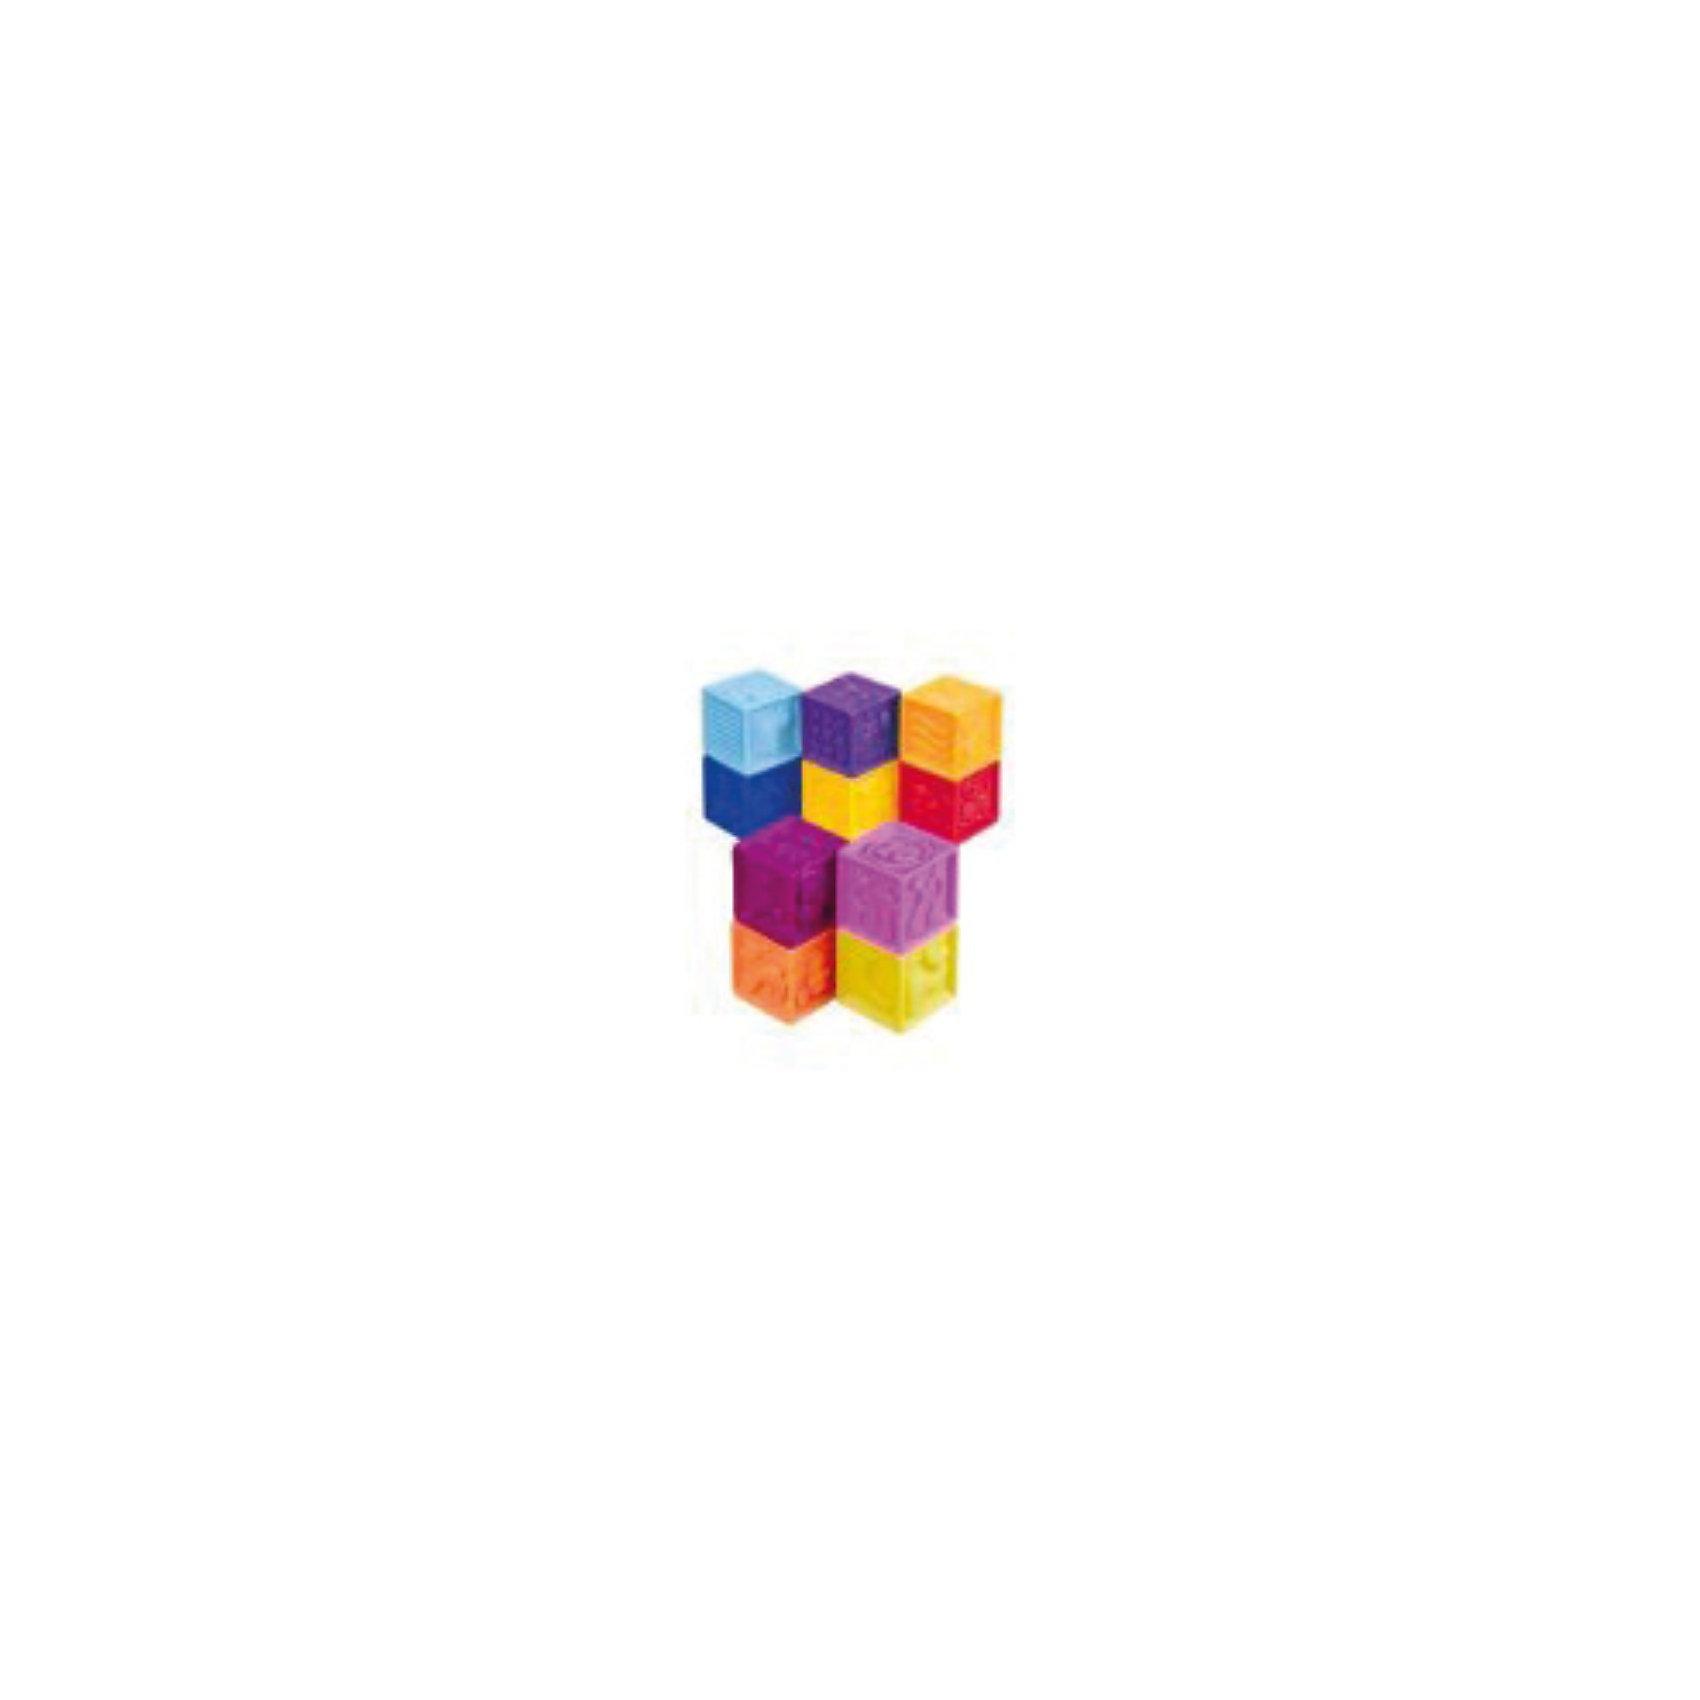 Мягкие кубики, B DOTКубики<br>Игра в кубики - любимое увлечение многих детей. Эта игра очень удобна - ее можно брать с собой в дорогу, благодаря продуманной форме хранится она очень компактно. Она развивает также мелкую моторику, внимание, творческие способности и цветовосприятие. Такая игра надолго занимает детей и помогает увлекательно провести время!<br>Набор кубиков состоит из 10 мягких деталей разного цвета с рельефными картинками. На них изображены животные и цифры. Из них можно строить различные фигуры, учиться считать. Игра разработана опытными специалистами, сделана из высококачественных материалов, безопасных для детей.<br><br>Дополнительная информация:<br><br>материал: резина;<br>размер упаковки: 18 х 6,5  х26 см.<br>вес: 570 г.<br><br>Игрушку Мягкие кубики от компании B DOT можно купить в нашем магазине.<br><br>Ширина мм: 180<br>Глубина мм: 260<br>Высота мм: 61<br>Вес г: 570<br>Возраст от месяцев: 24<br>Возраст до месяцев: 48<br>Пол: Унисекс<br>Возраст: Детский<br>SKU: 2329016